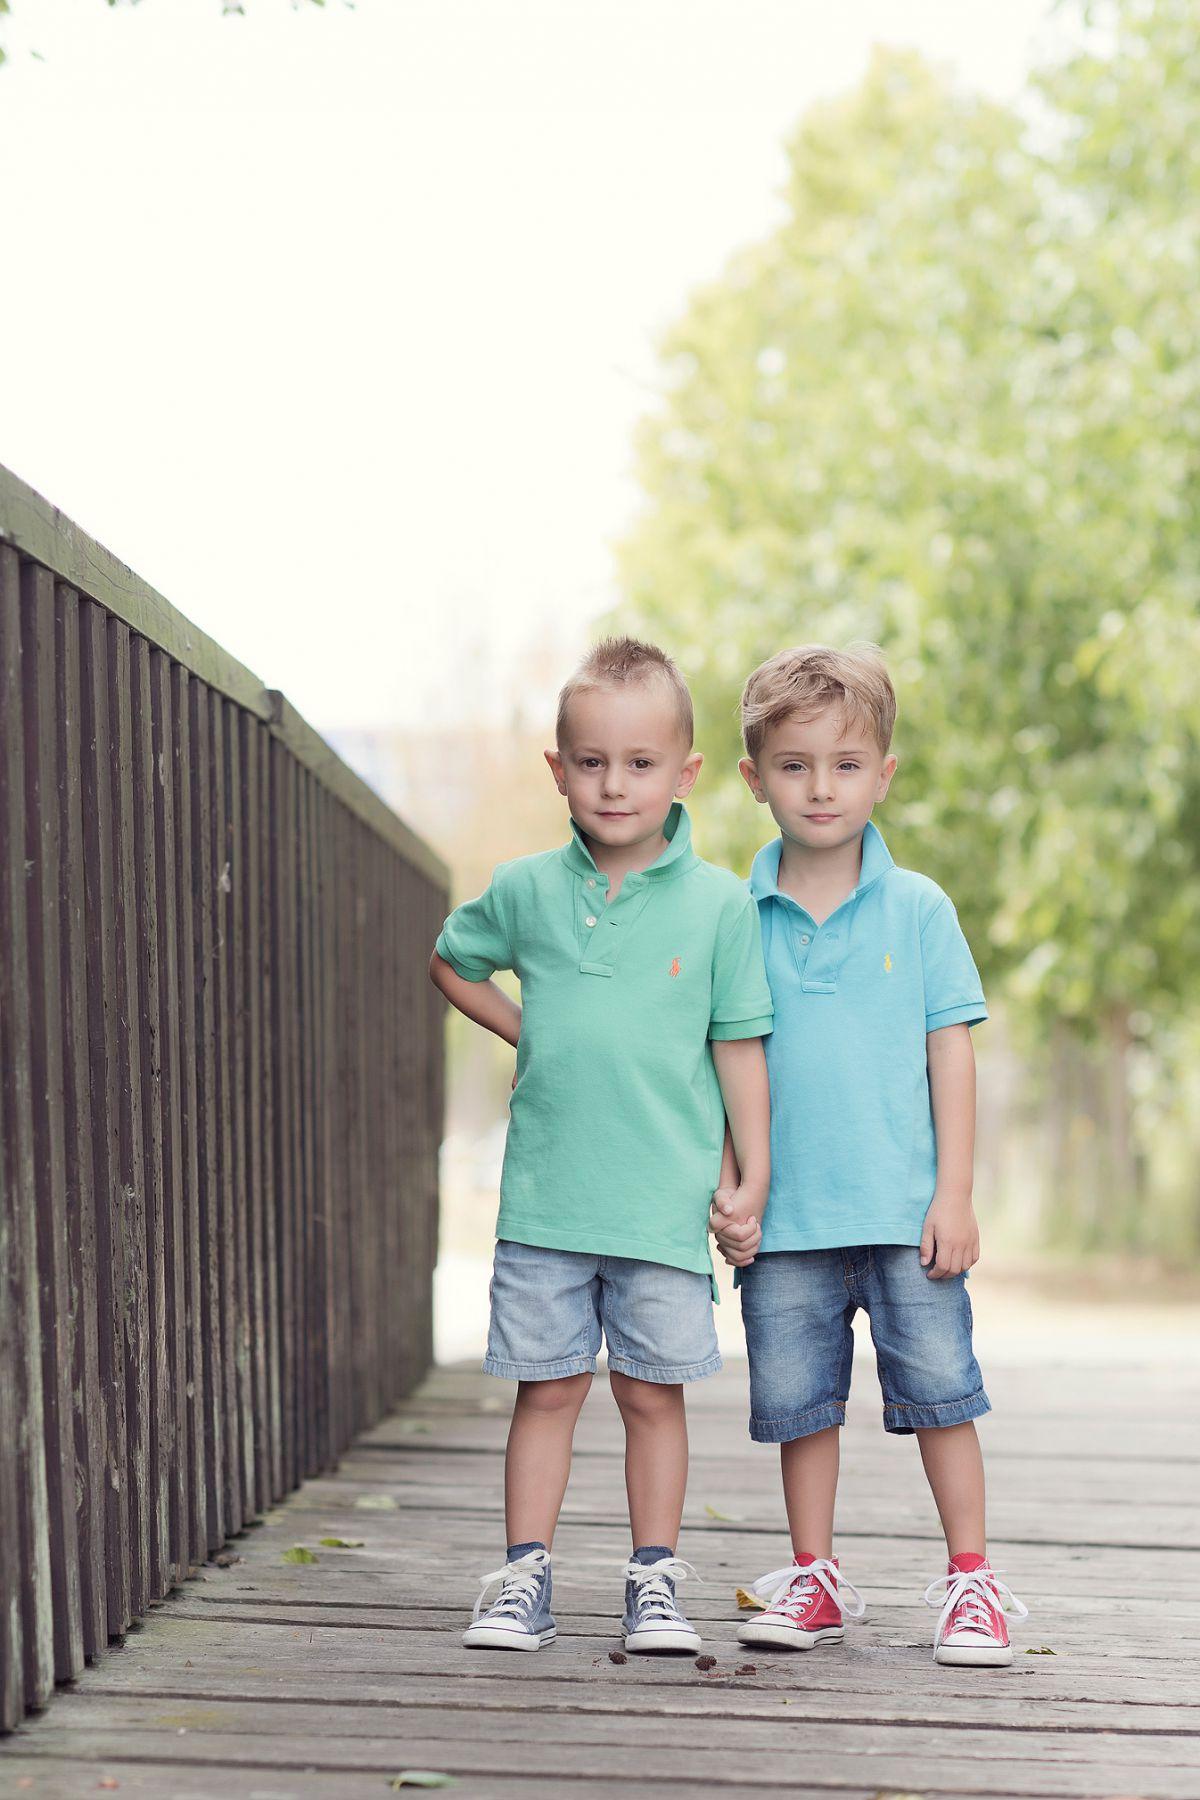 kinderfotografin frankfurt fotografin kinder fotografieren kinderbilder nidderau kinderfotos in hanau bad vilbel taunus